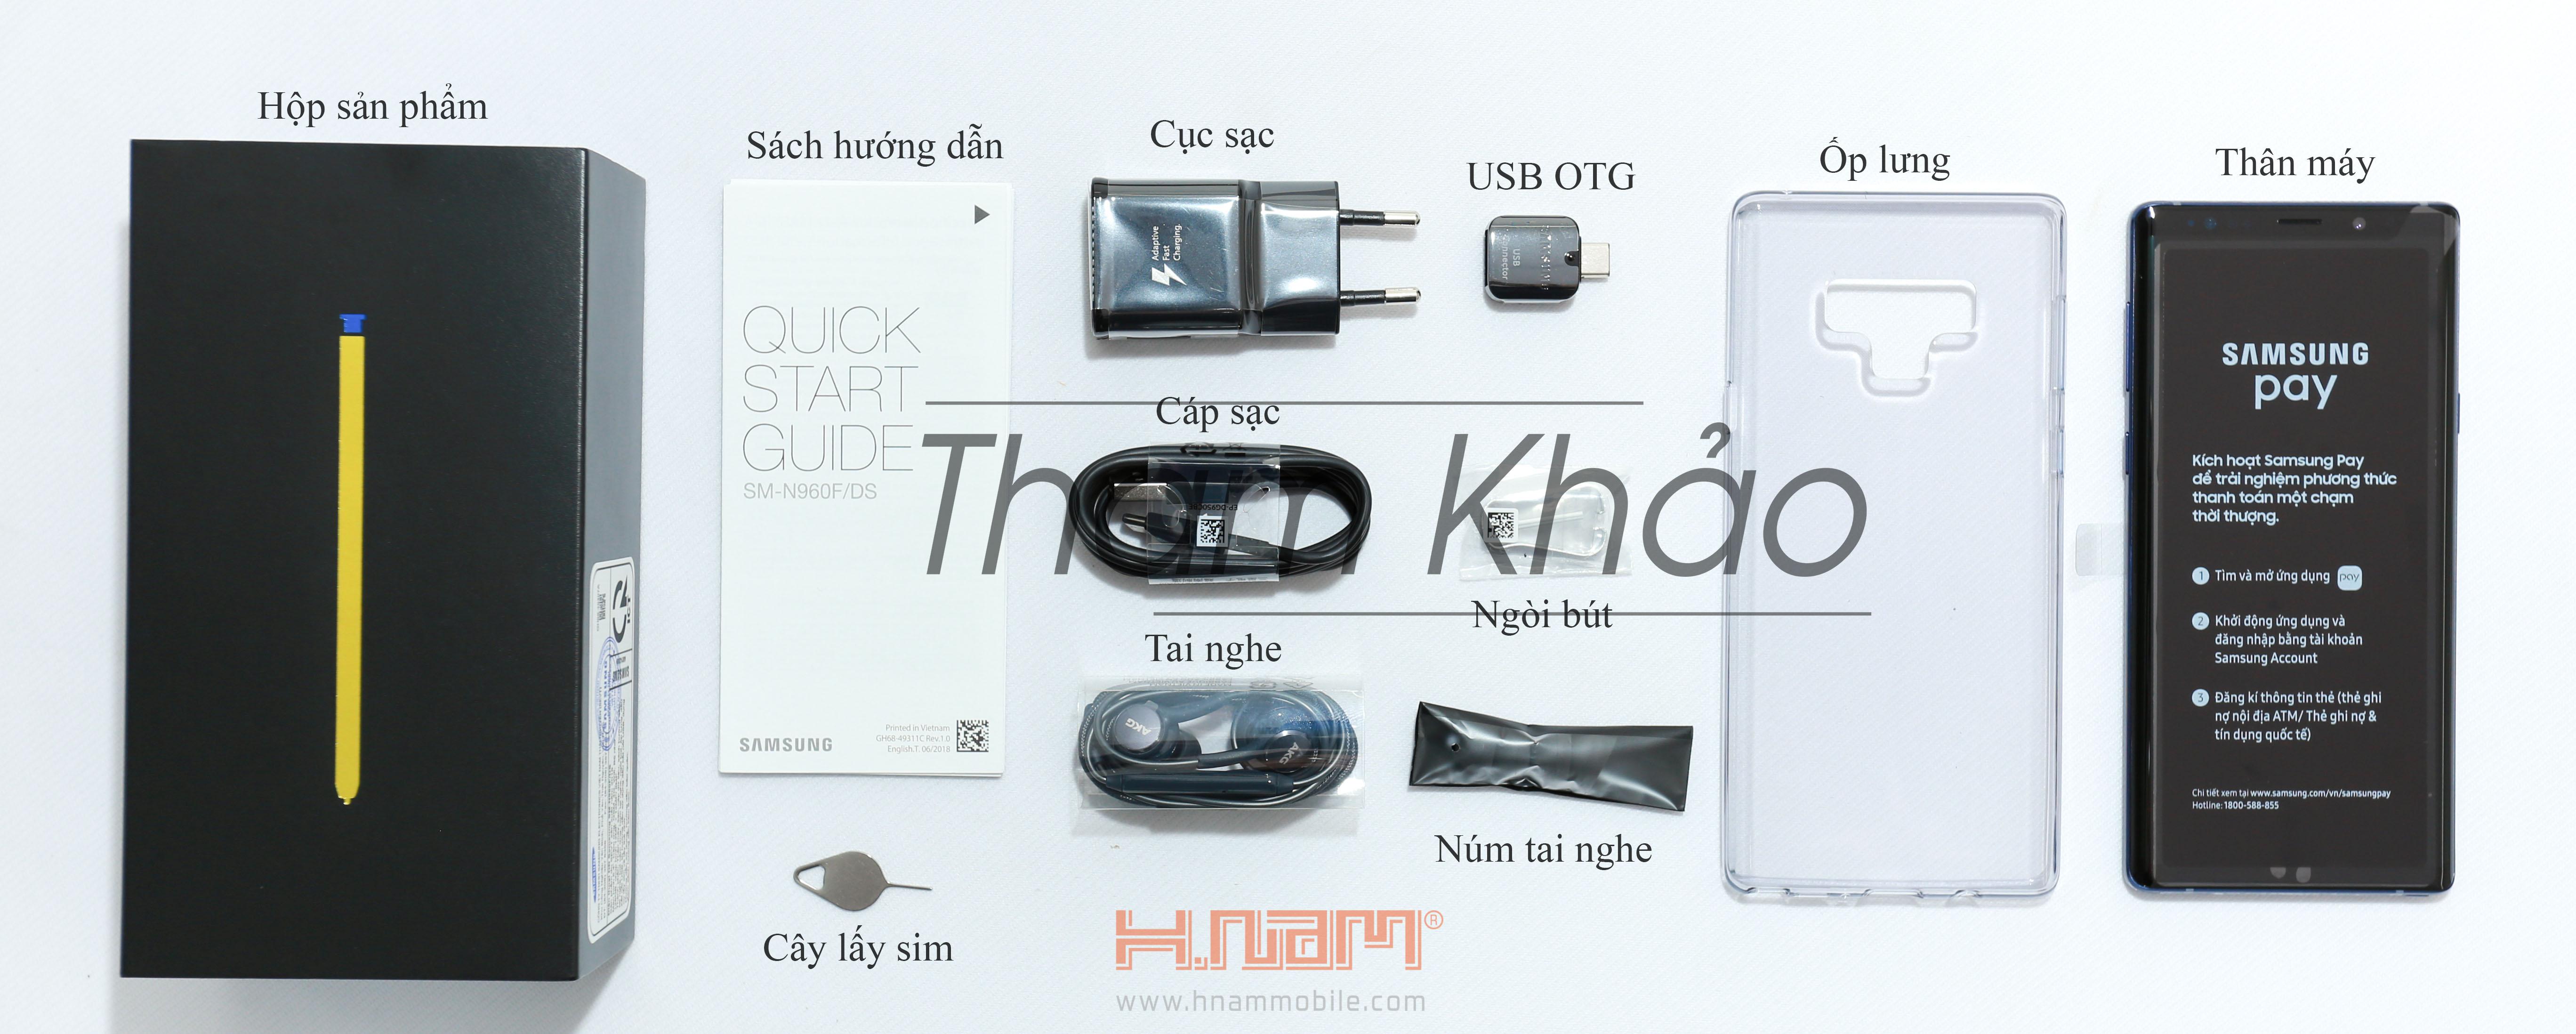 Samsung galaxy Note 9 128Gb Mỹ ( New 100%) hình sản phẩm 0